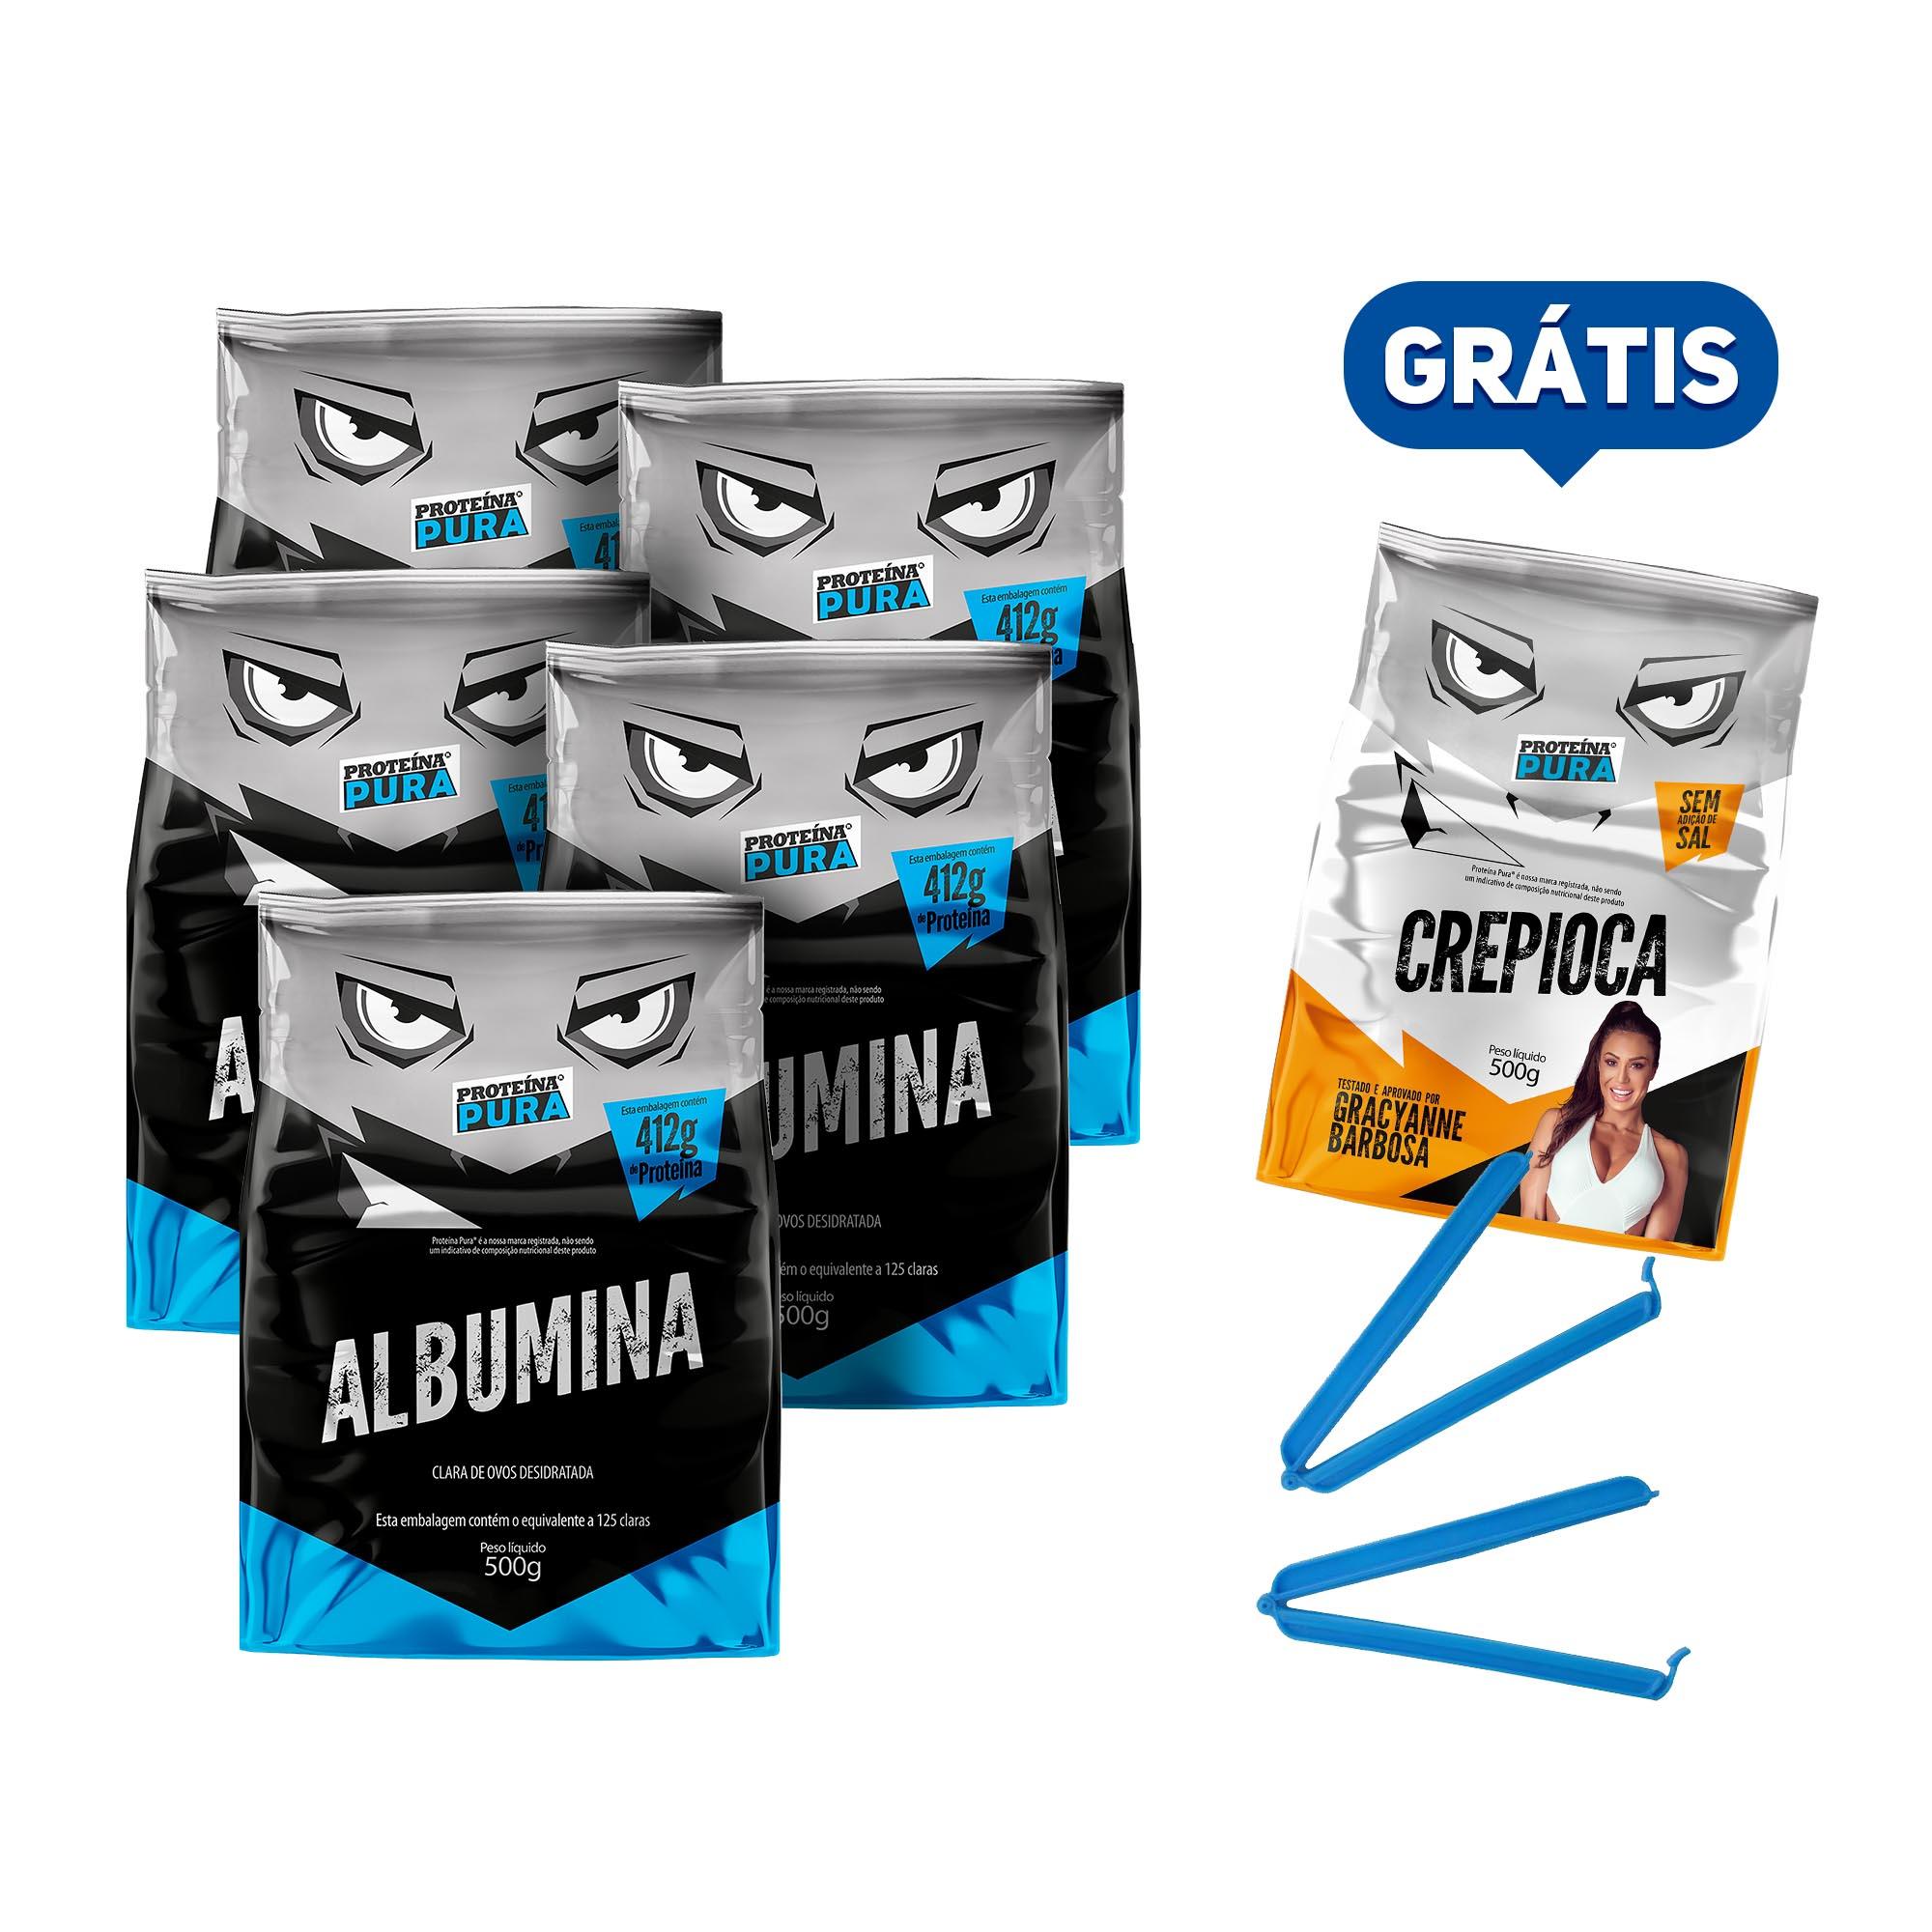 Kit Albumina Natural - (5 un x 500g) - Proteína Pura